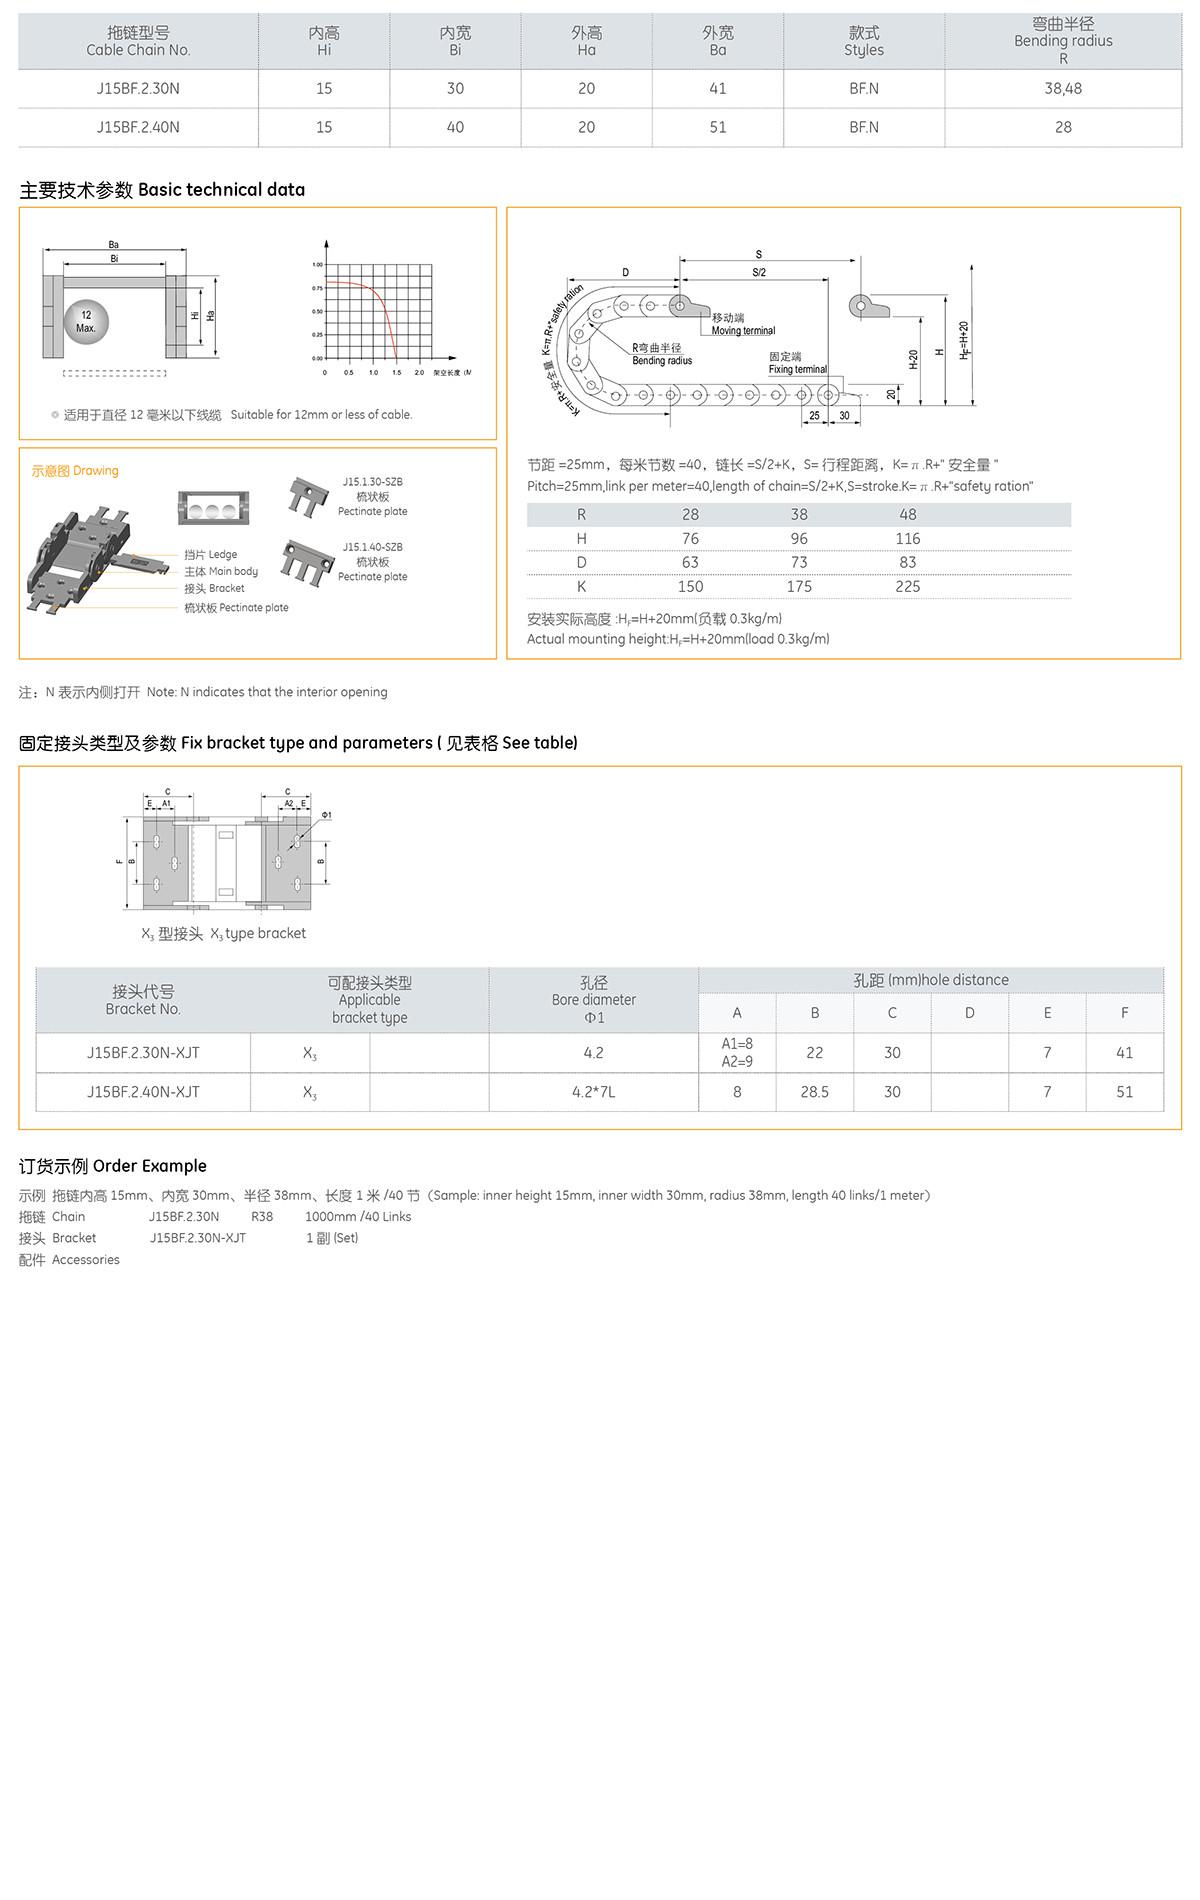 Xích nhựa cuốn cáp series J15BF.2.N